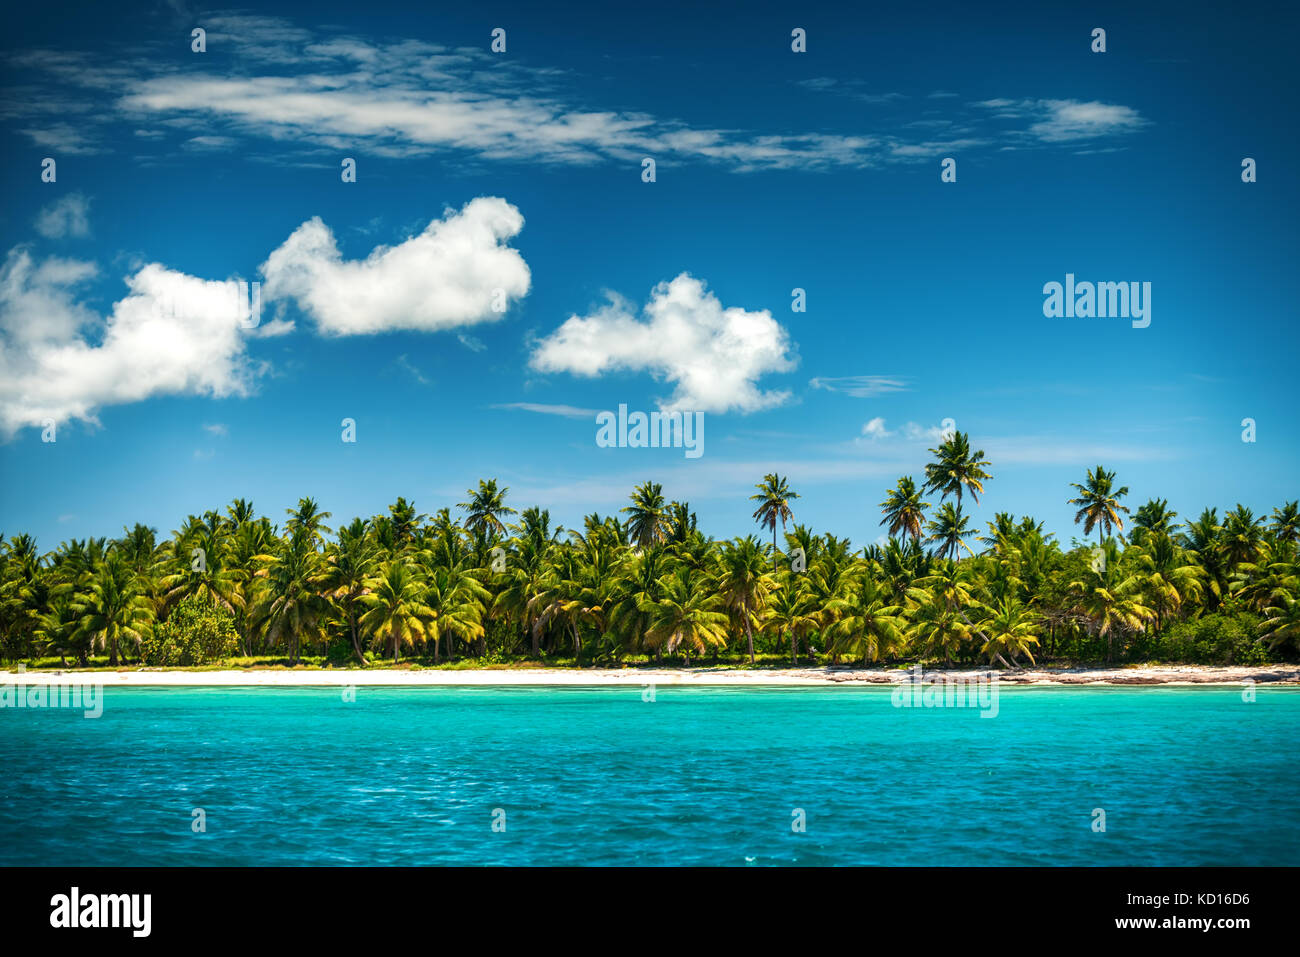 Palm e tropical beach,Repubblica dominicana Immagini Stock